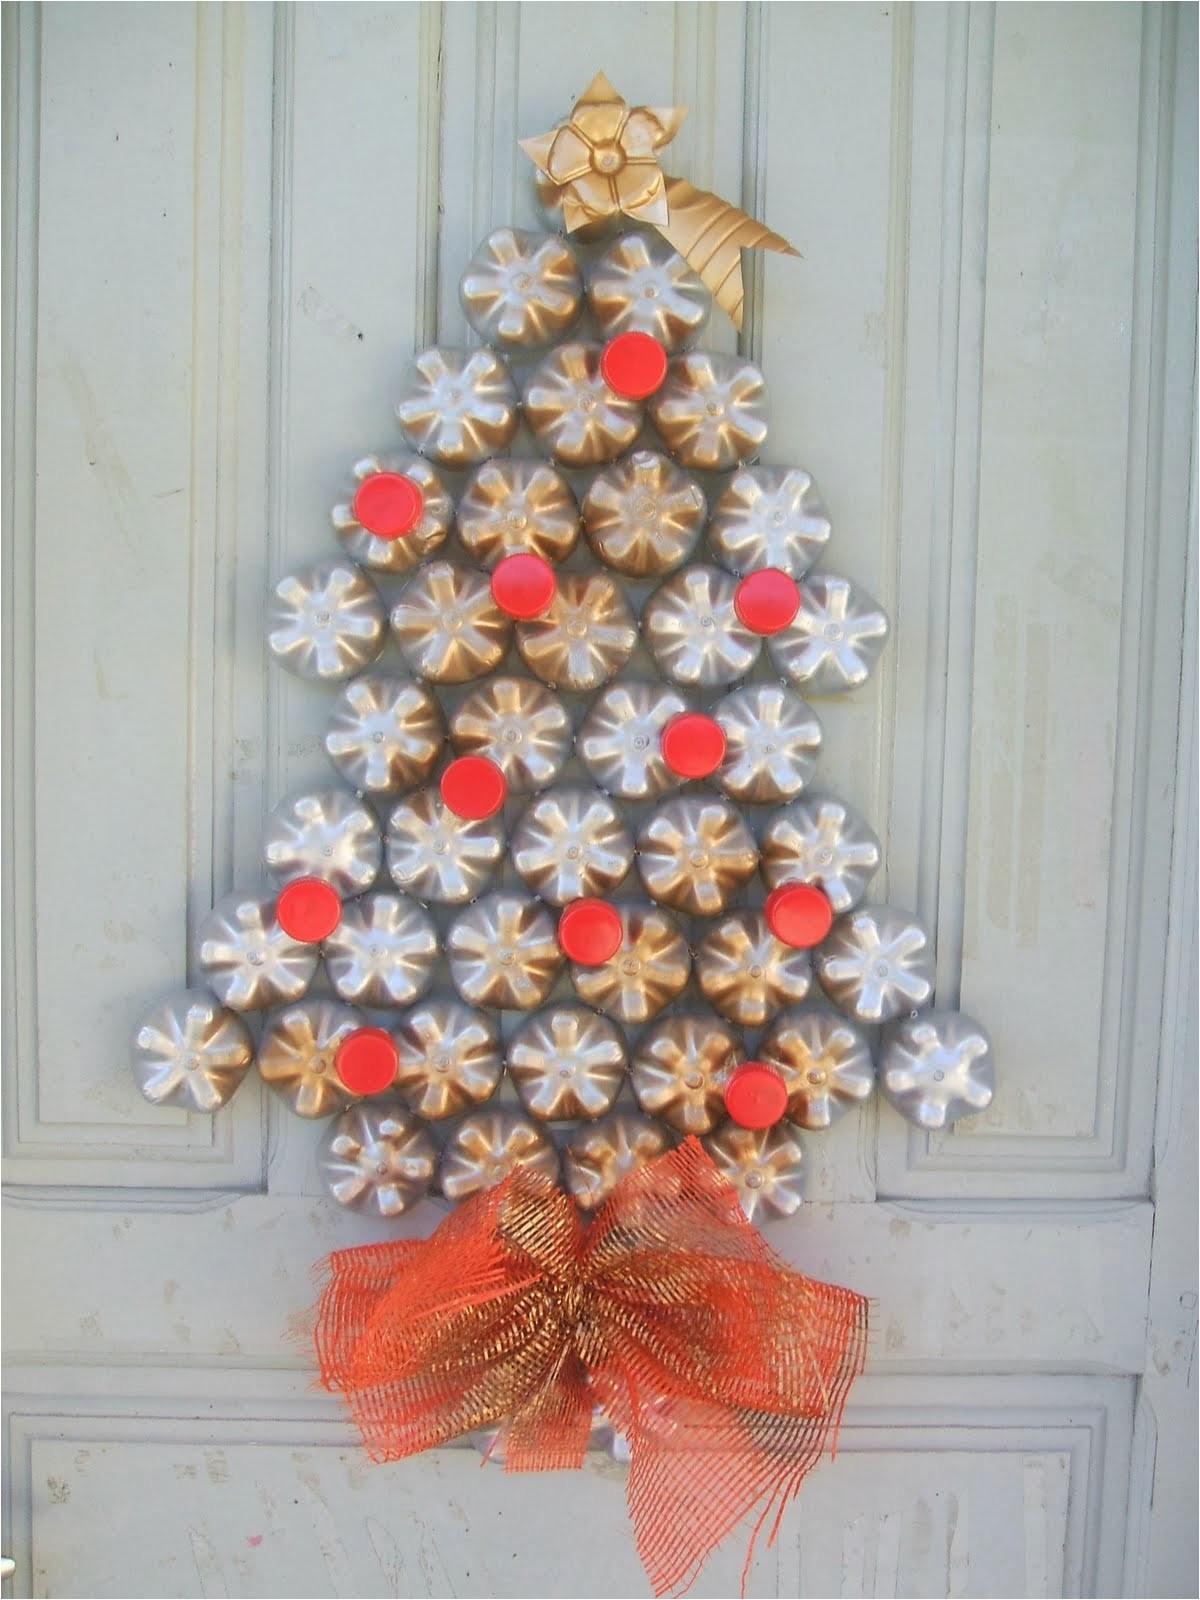 Decoraciones navide as para puertas con material - Adornos navidenos para puertas ...